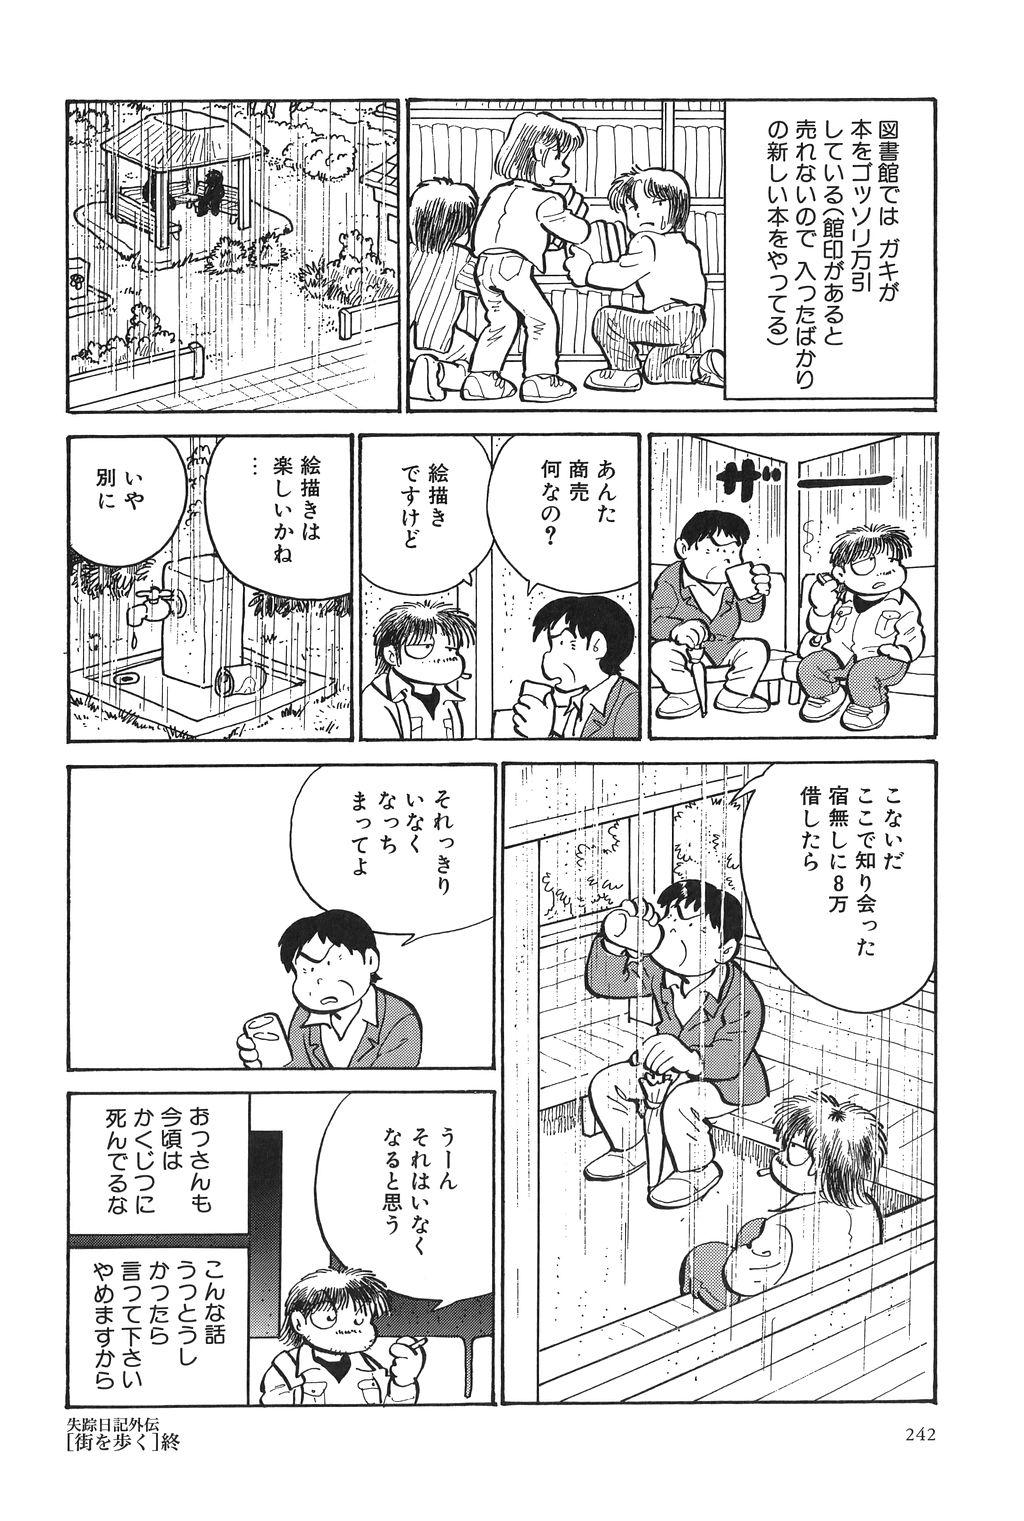 Azuma Hideo Sakuhin Shuusei - Yoru no Tobari no Naka de 244